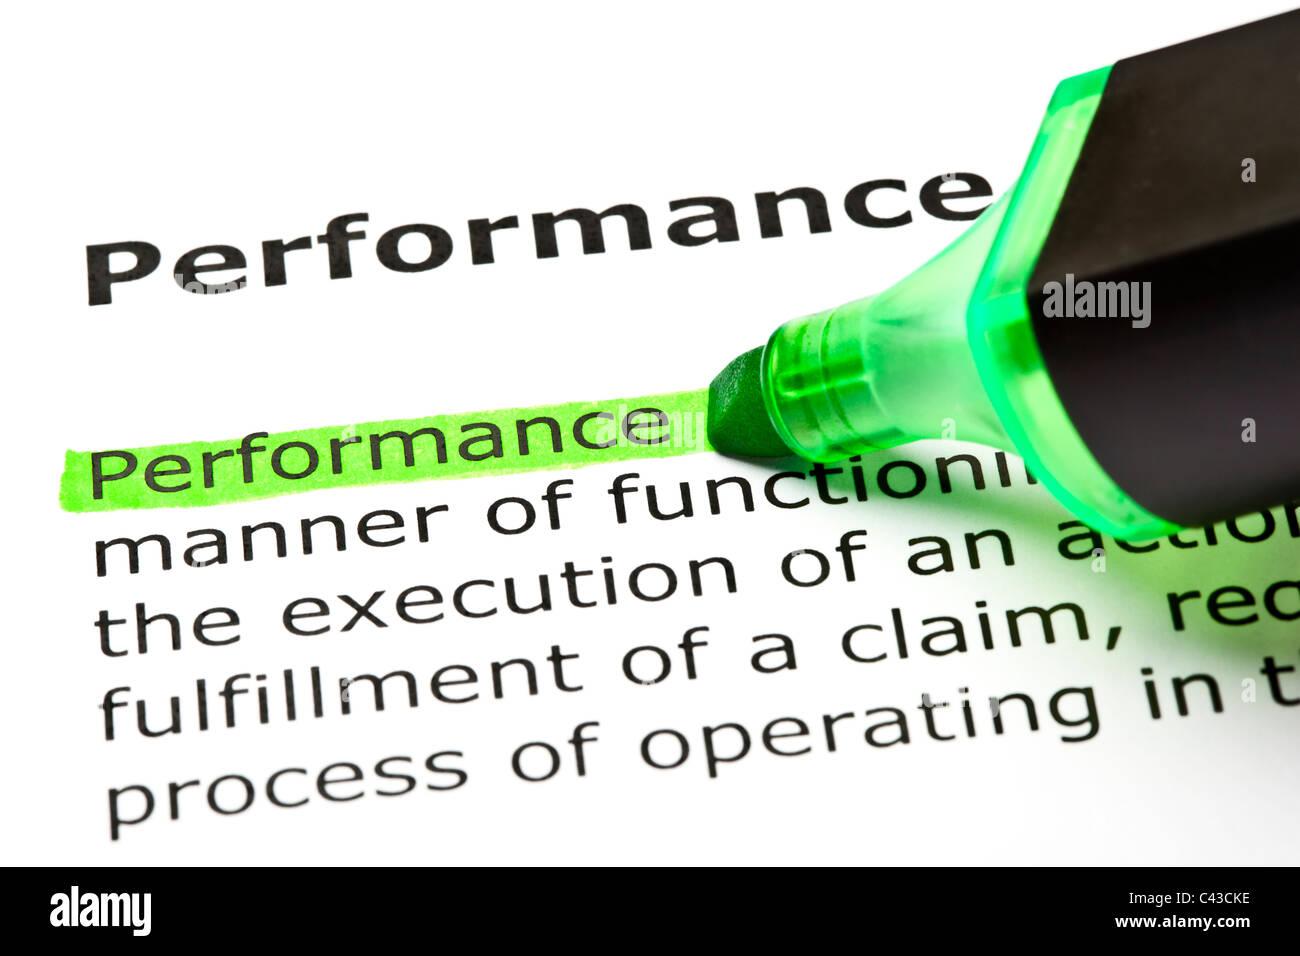 Le mot 'performance' en surbrillance verte avec feutre Photo Stock